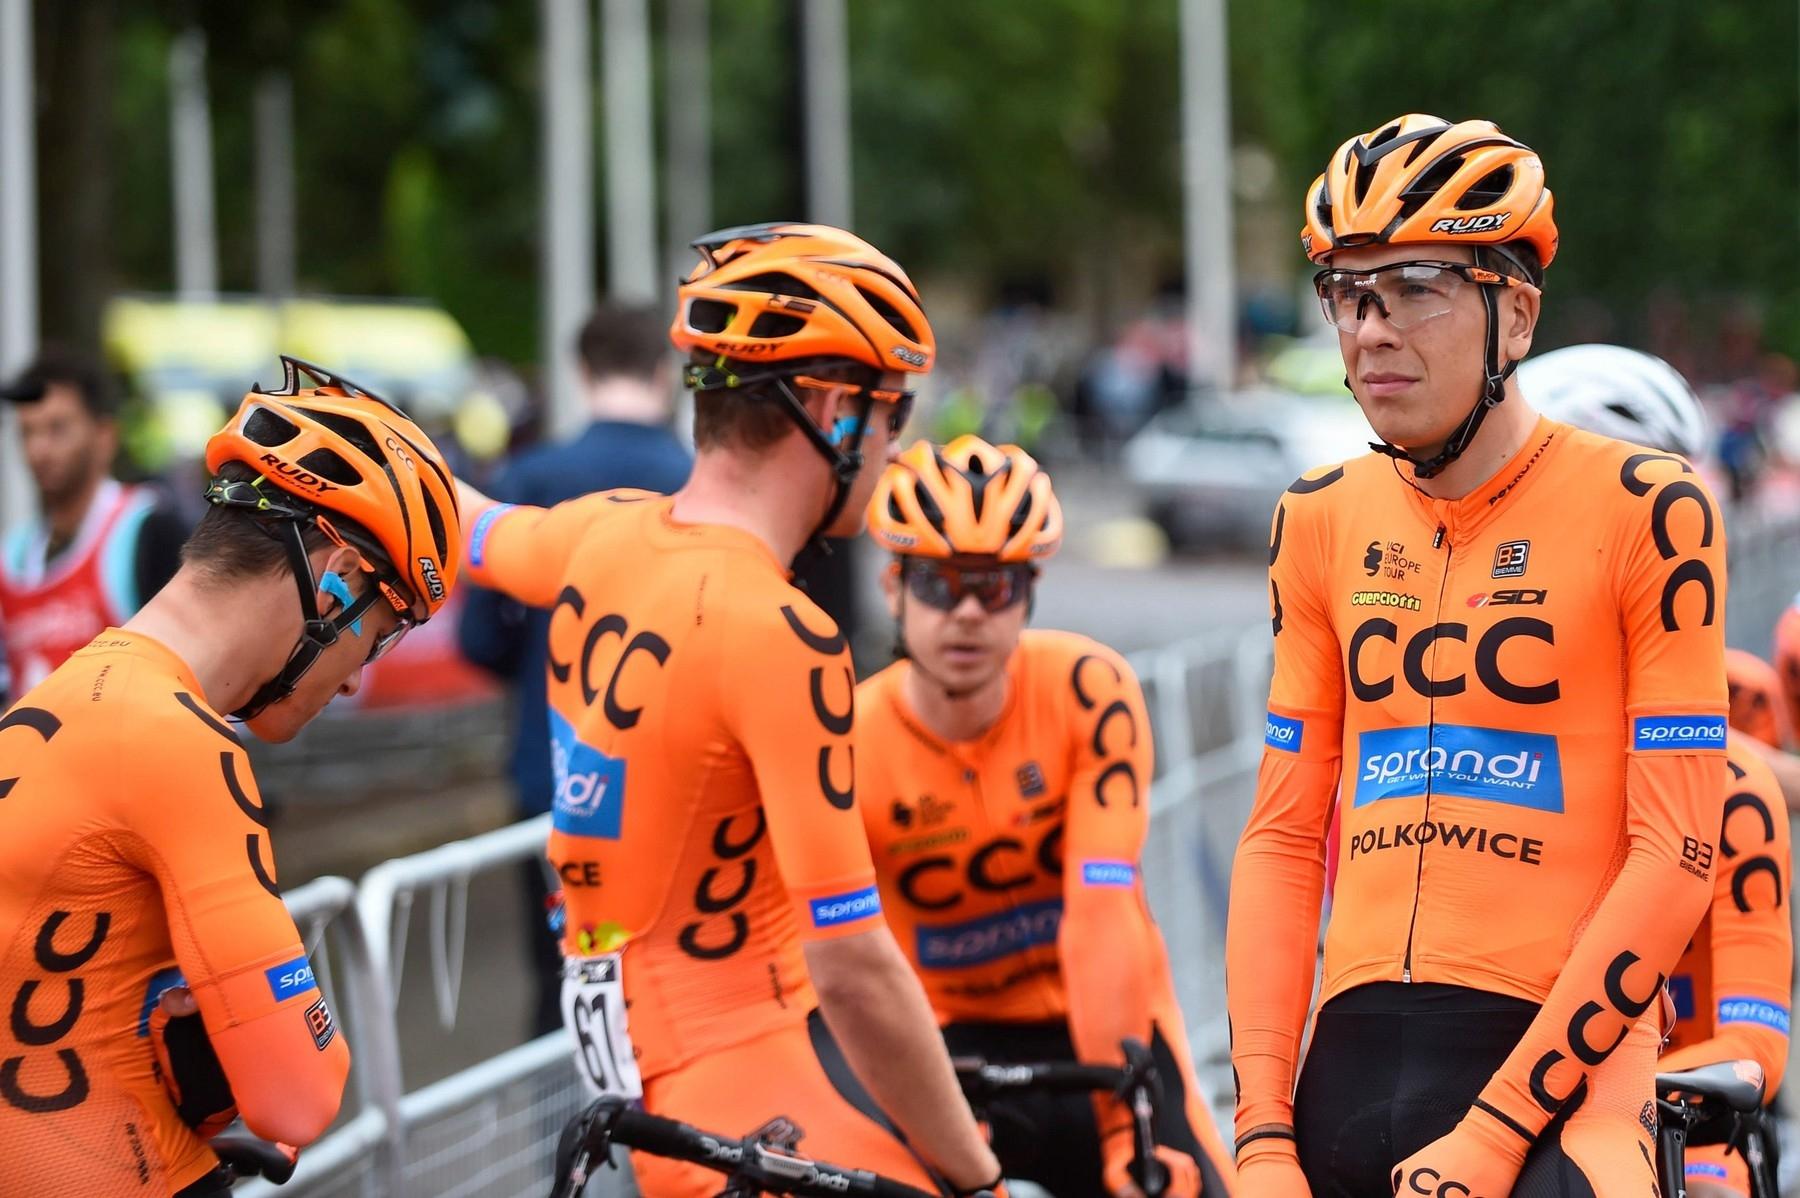 Michal Schlegel (vpravo) v dresu polské stáje CCC, s kterou absolvoval italské Giro. Foto: Profimedia (2x)